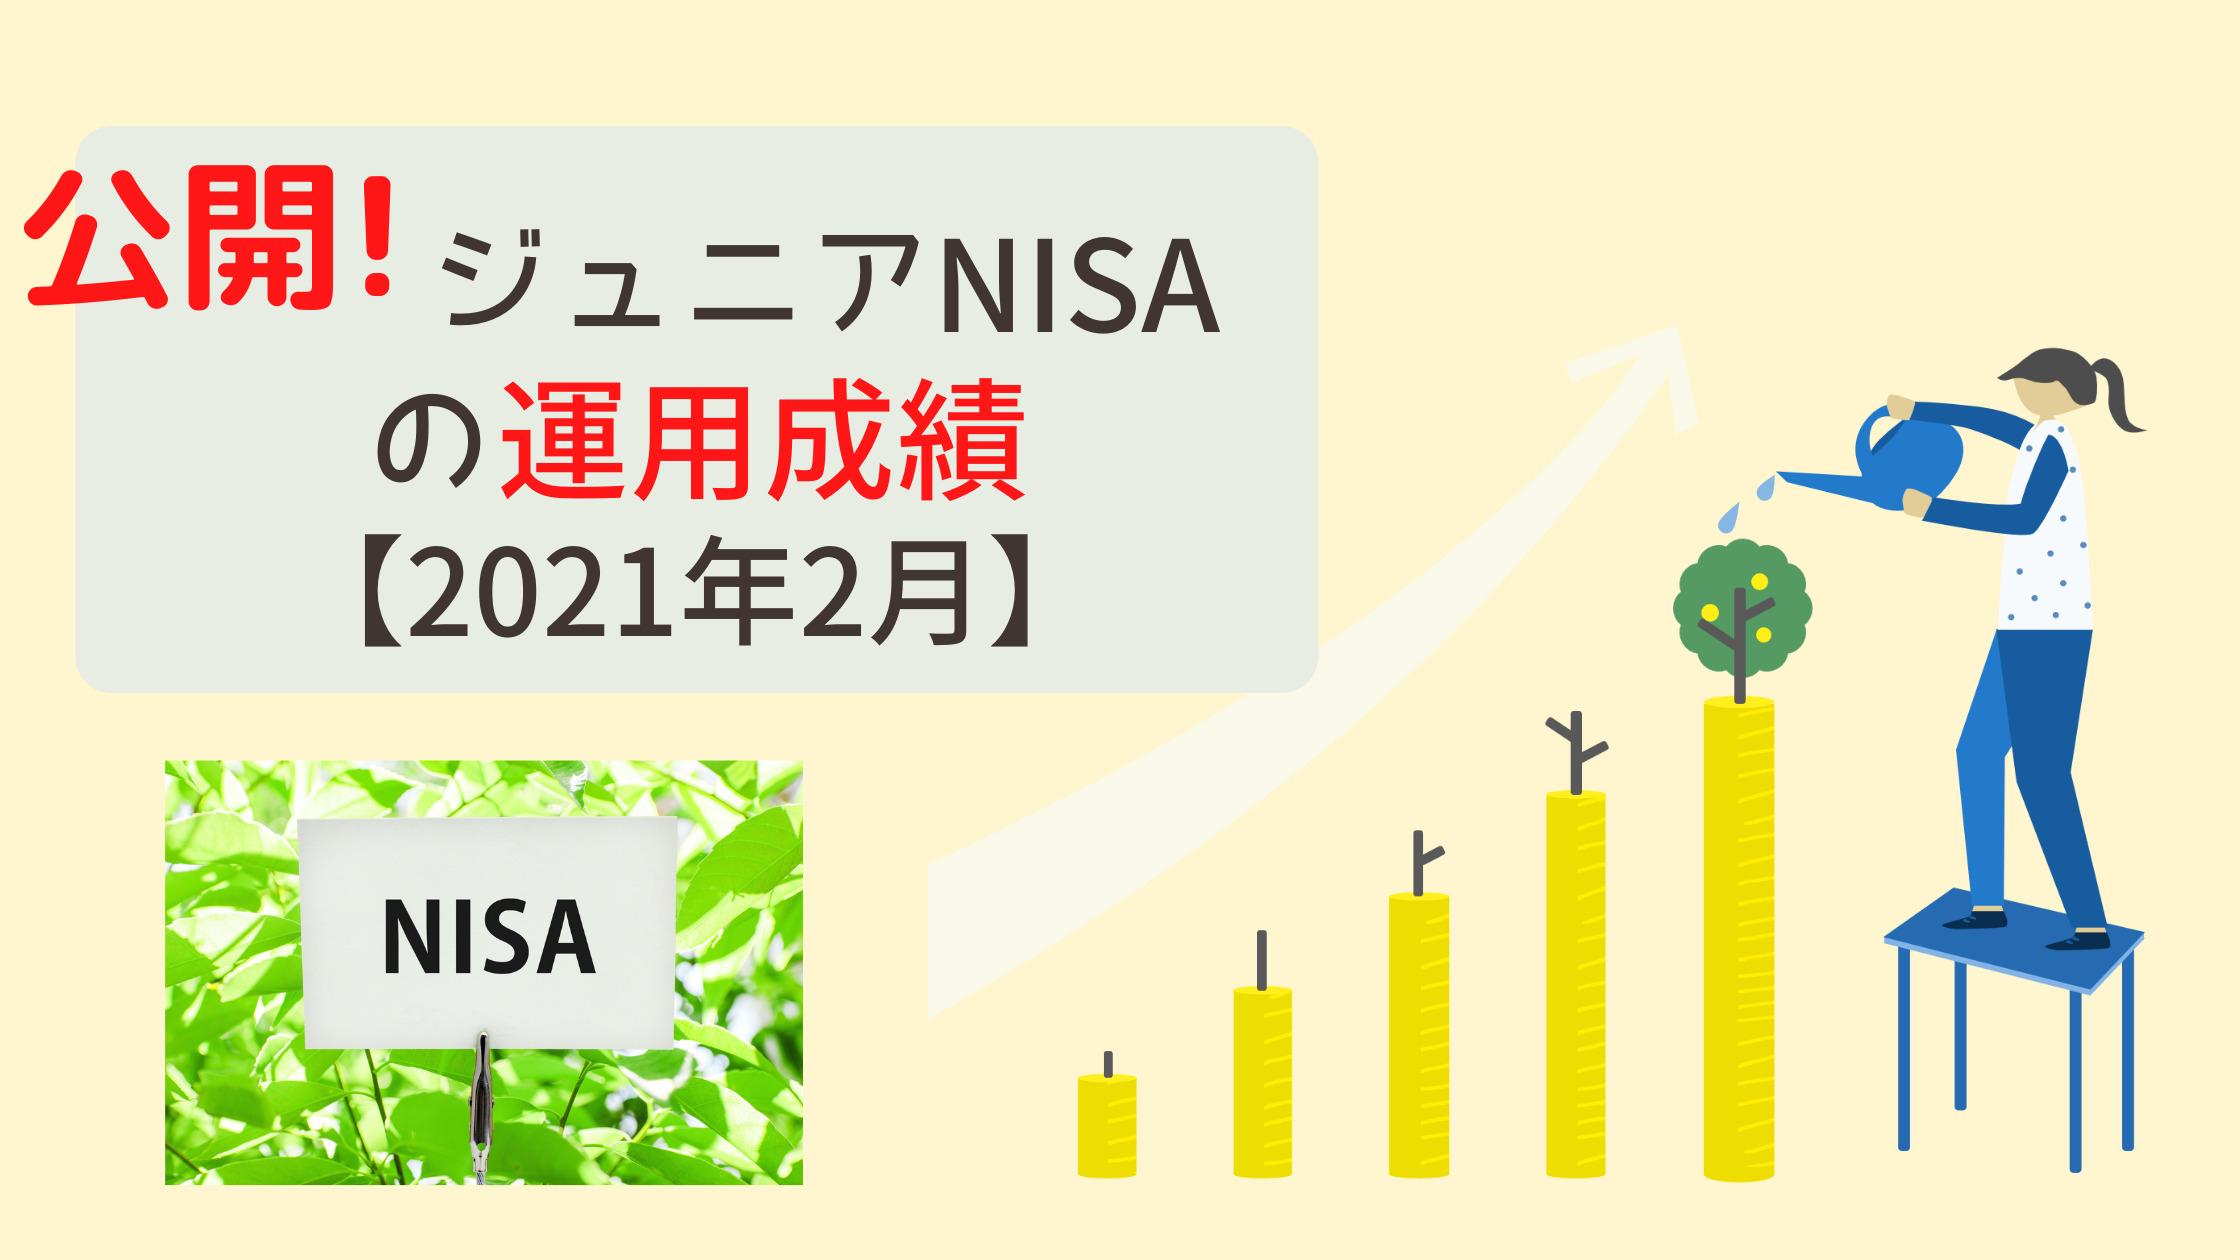 ジュニアNISA 運用成績 2021年2月 公開